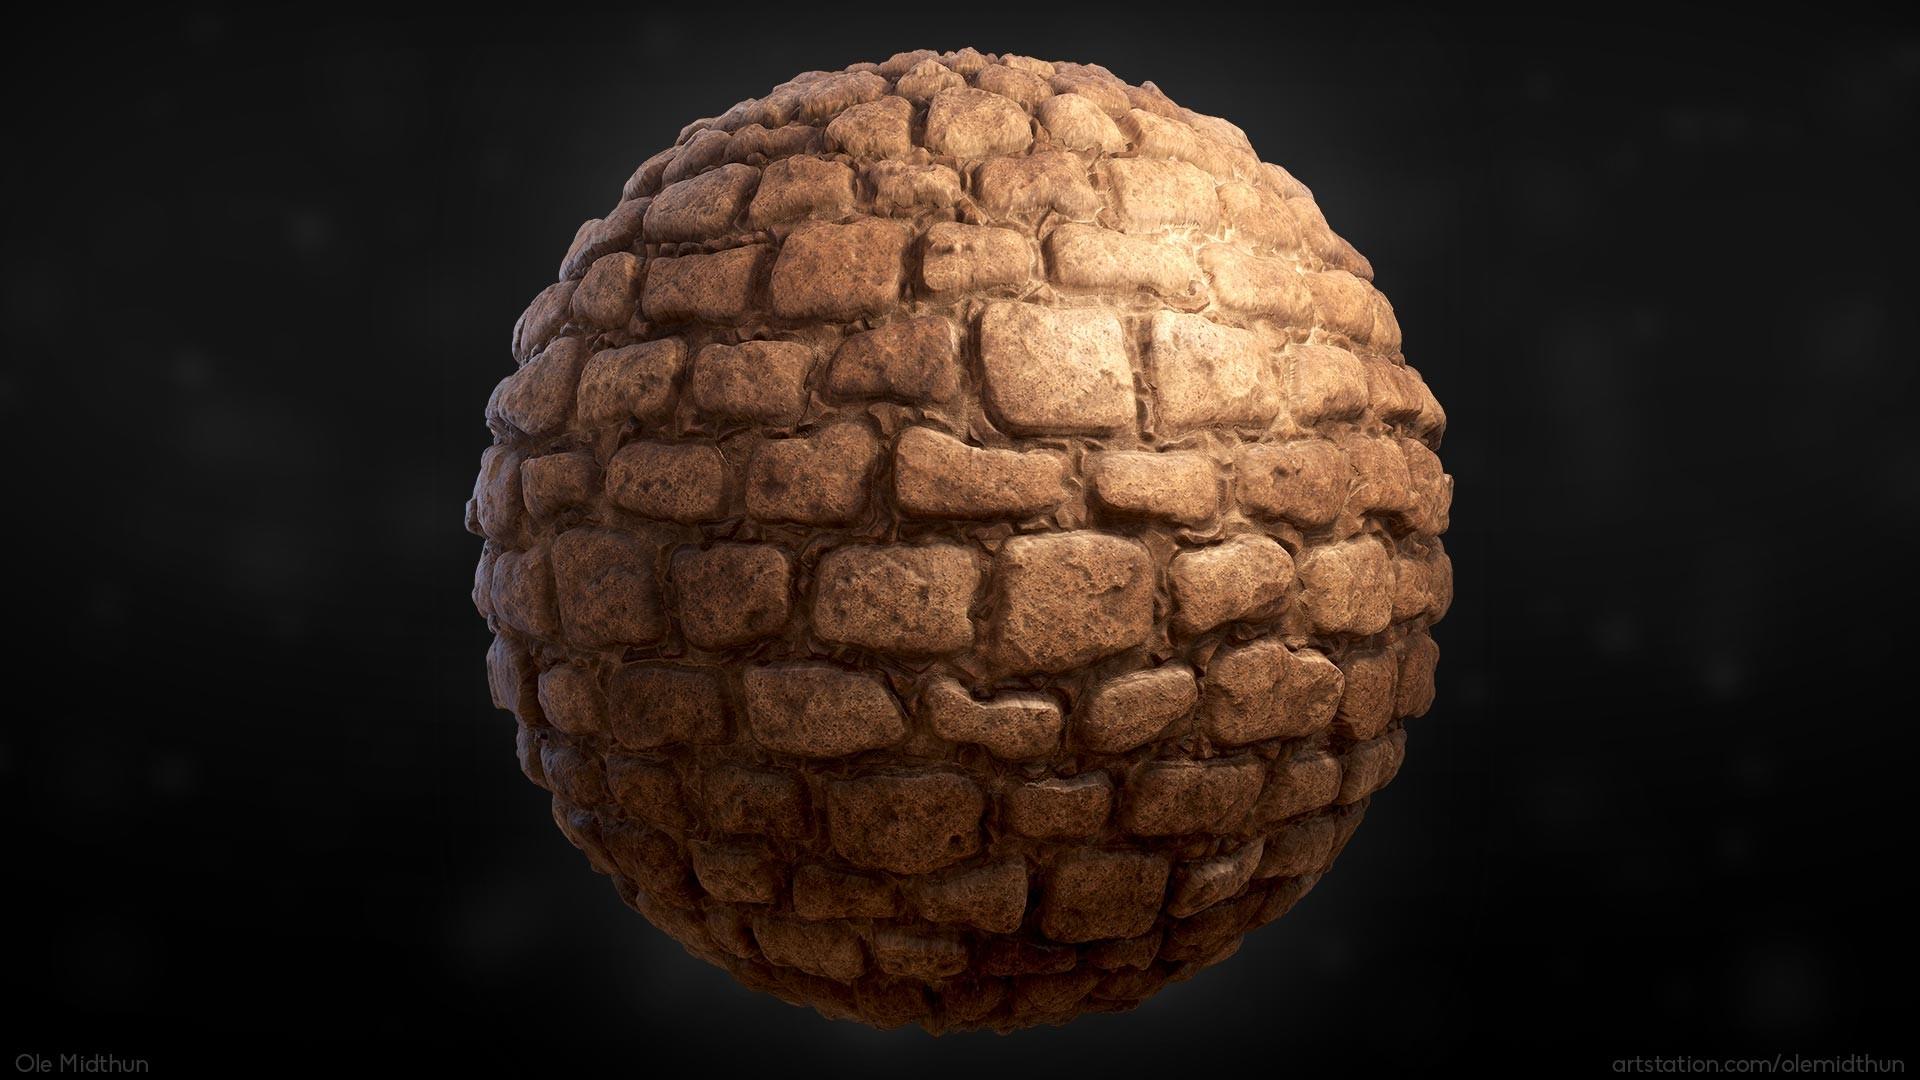 Ole midthun stone wall 2 render 09